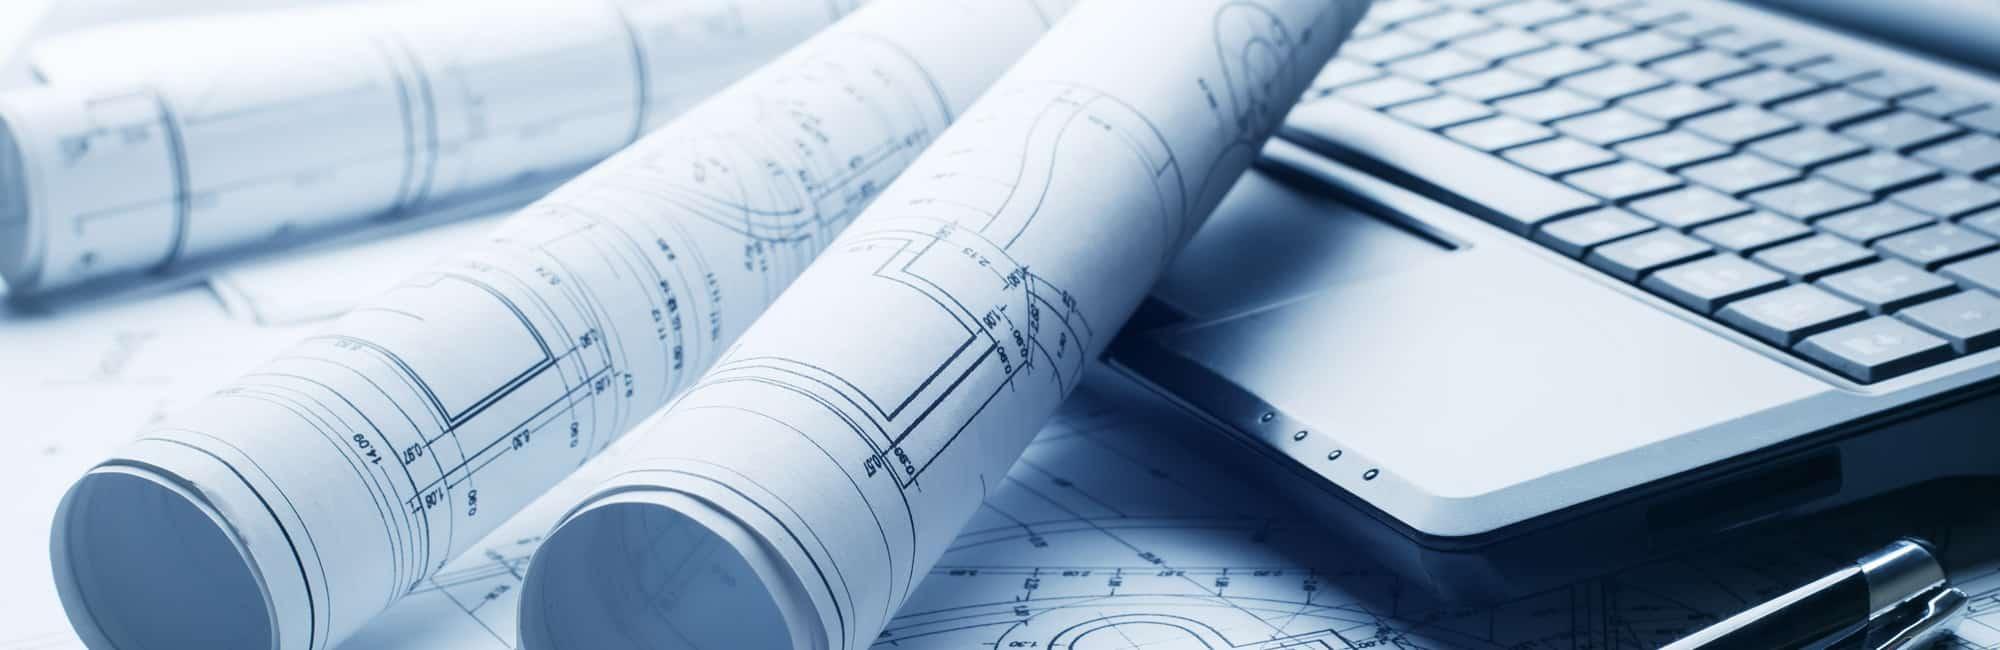 Engineering Documentation / Standardization & Large Data Migration